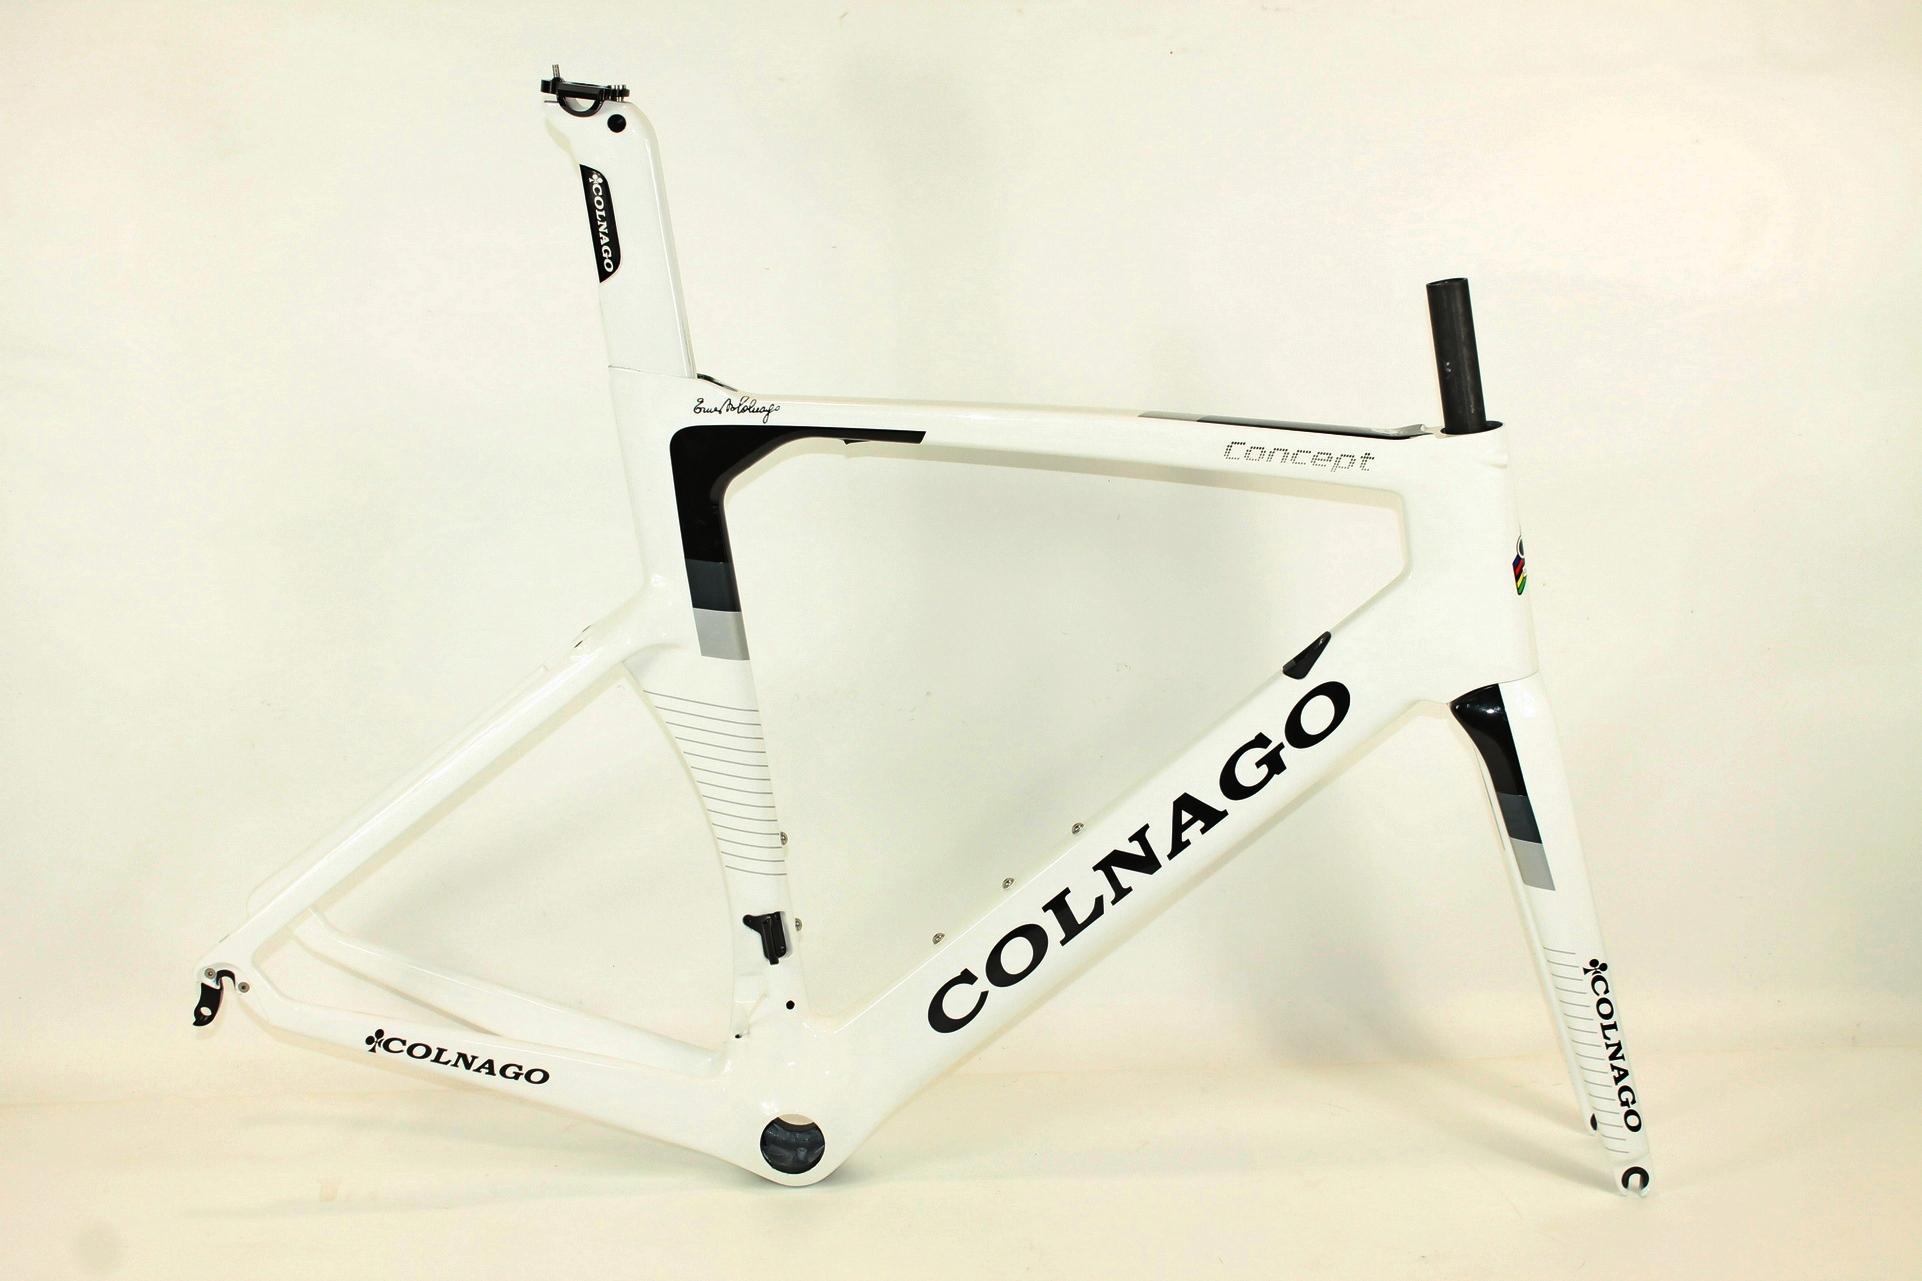 Colnago Concept